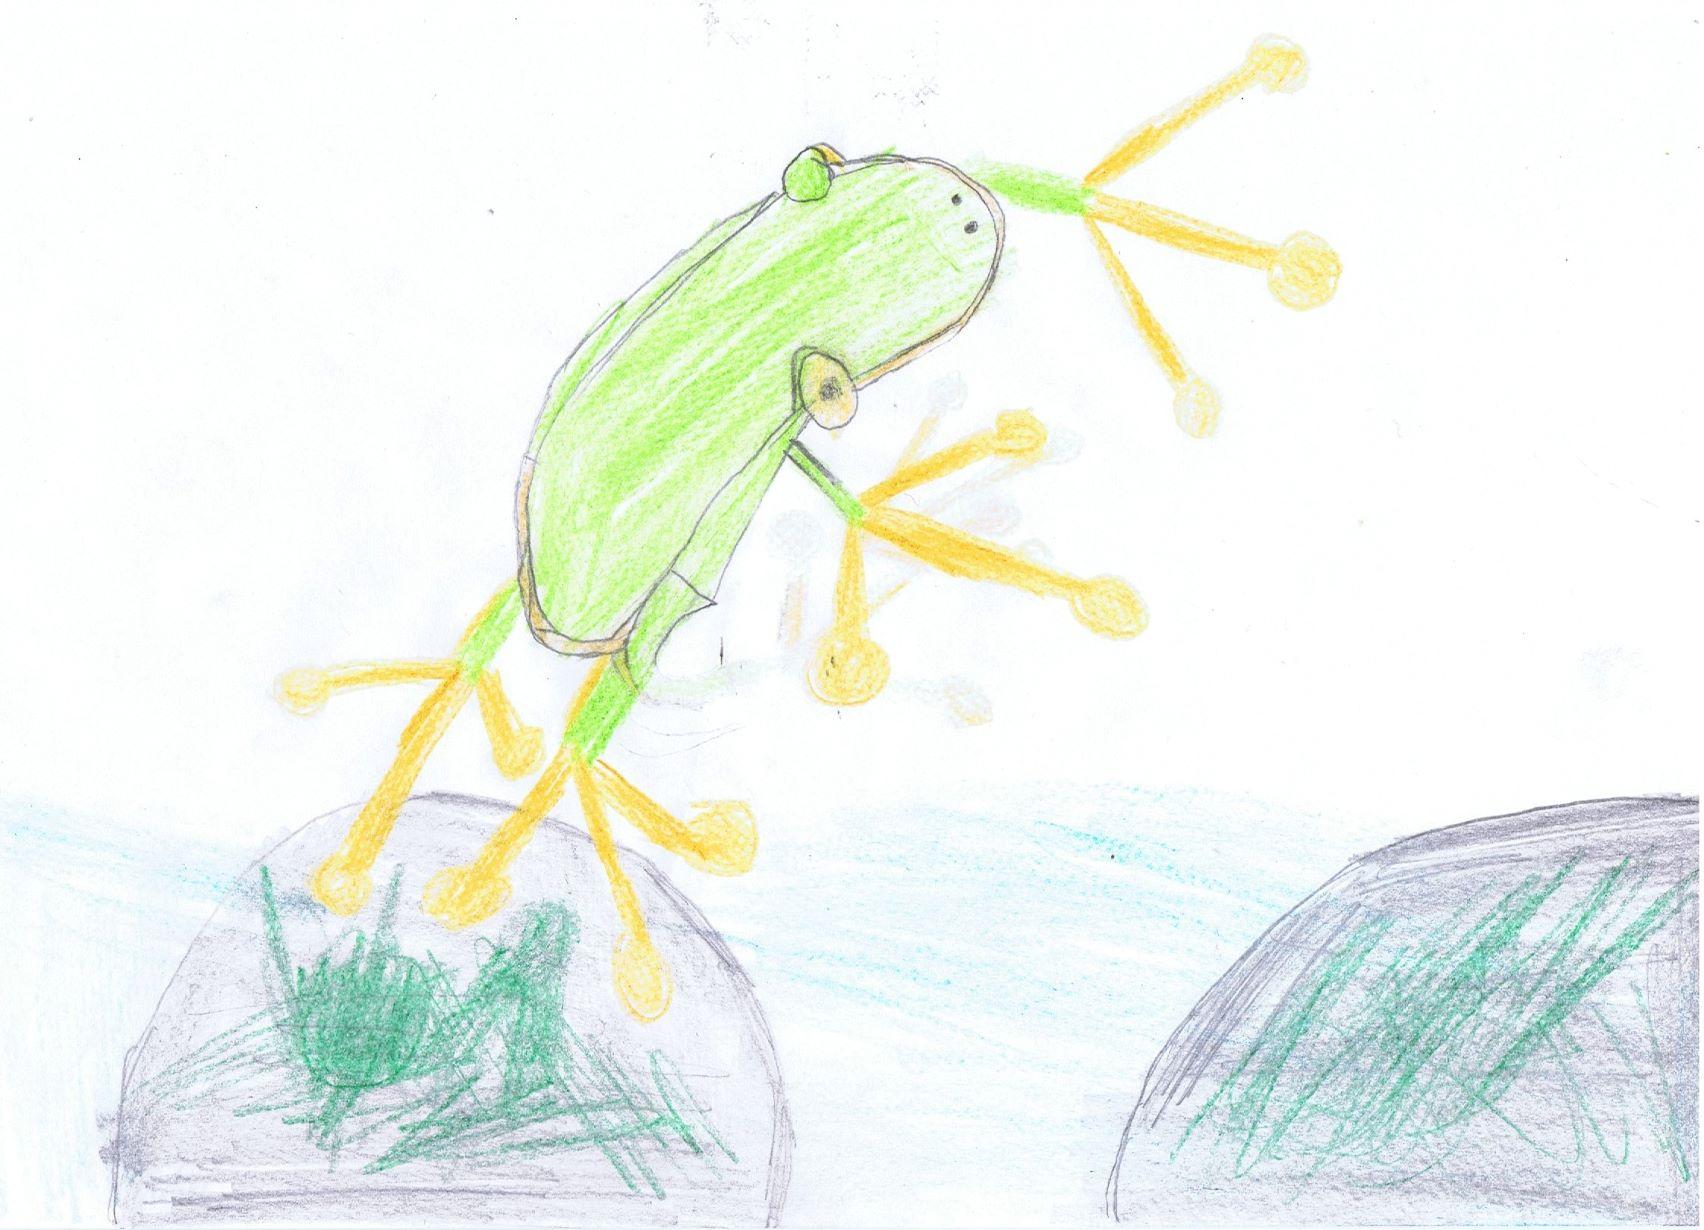 Wetterbericht vom Frosch - 12. August